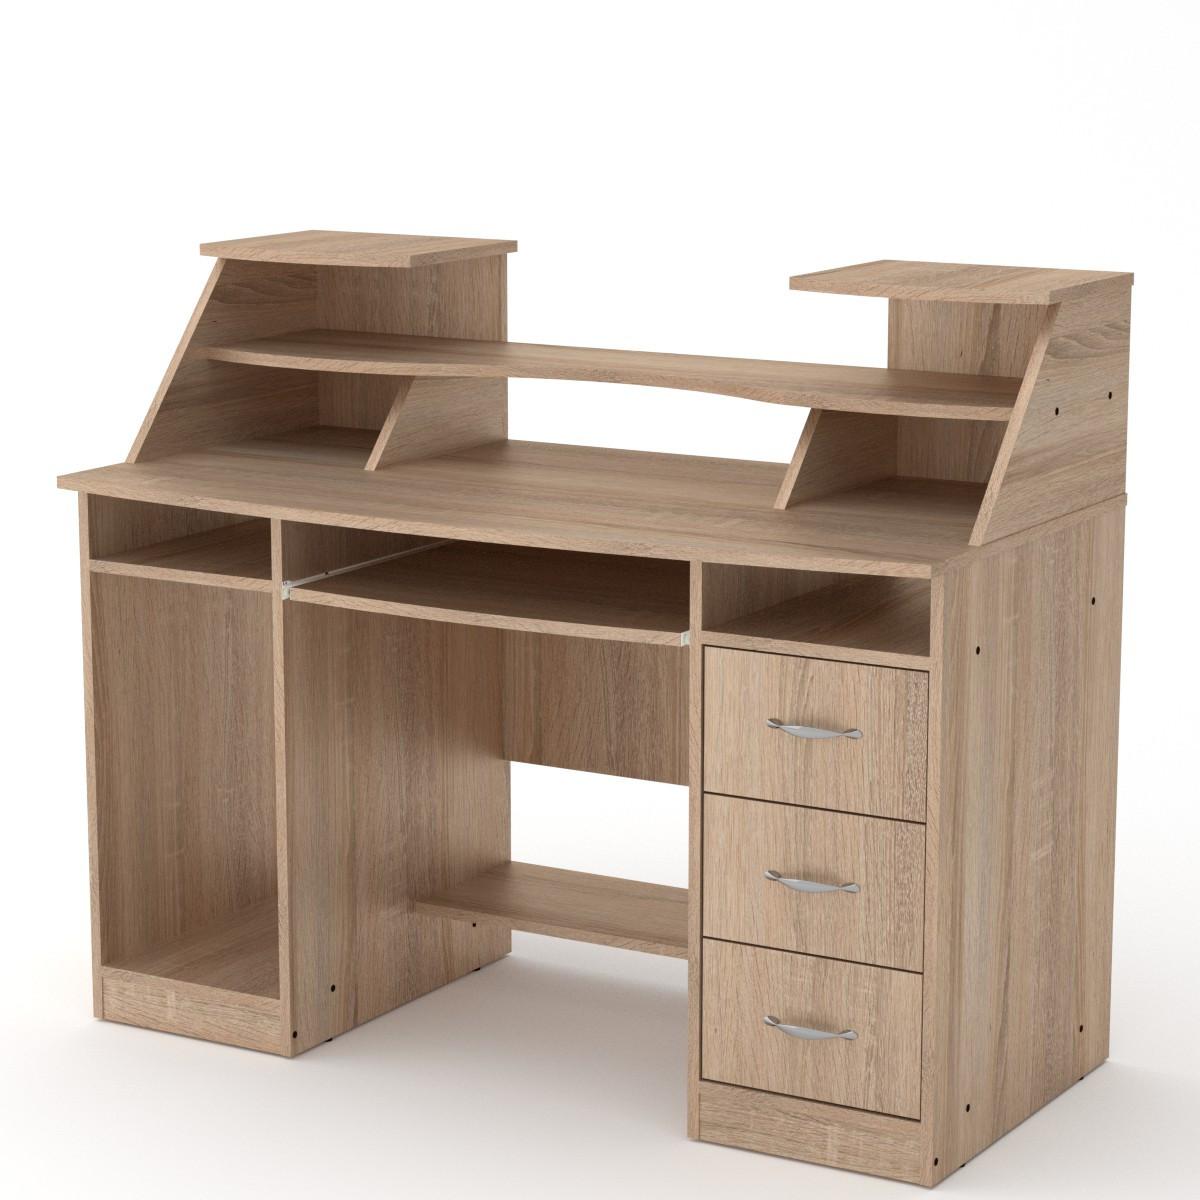 Стол компьютерный Комфорт-5 дуб сонома Компанит (127х65х104 см)